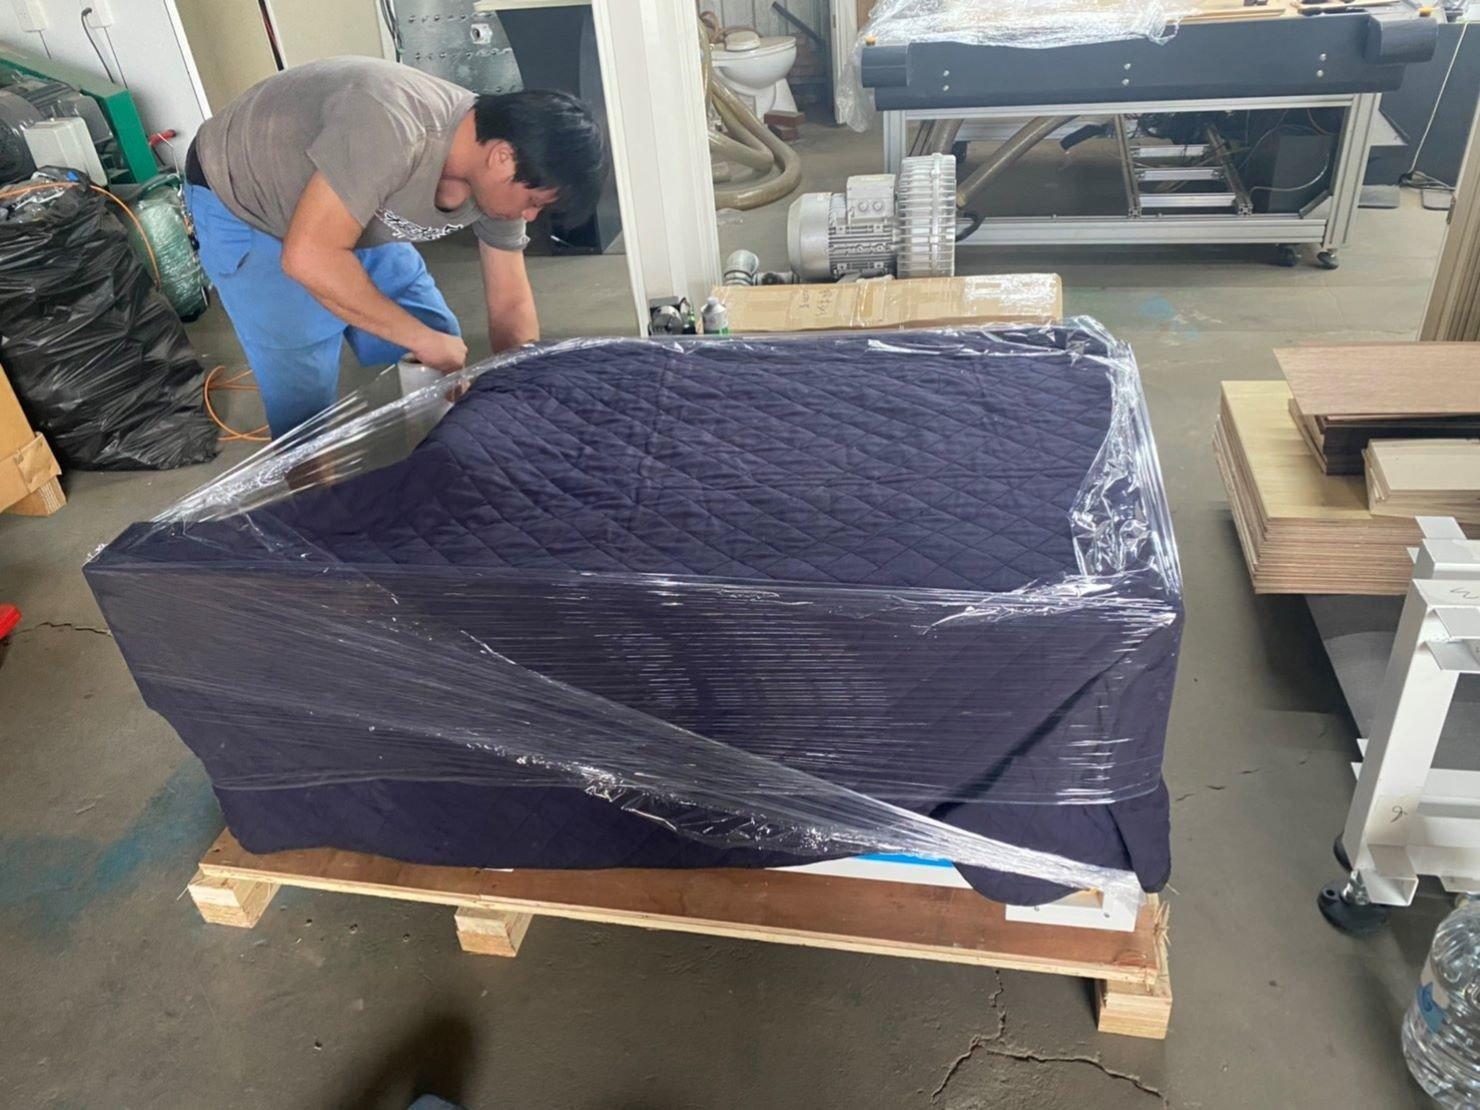 台北搬家公司推薦【榮福搬家公司】搬切割機、搬重物值得您來選擇:先以日式保護布套將雷射雕刻切割機包覆住,防止碰撞、防刮傷。